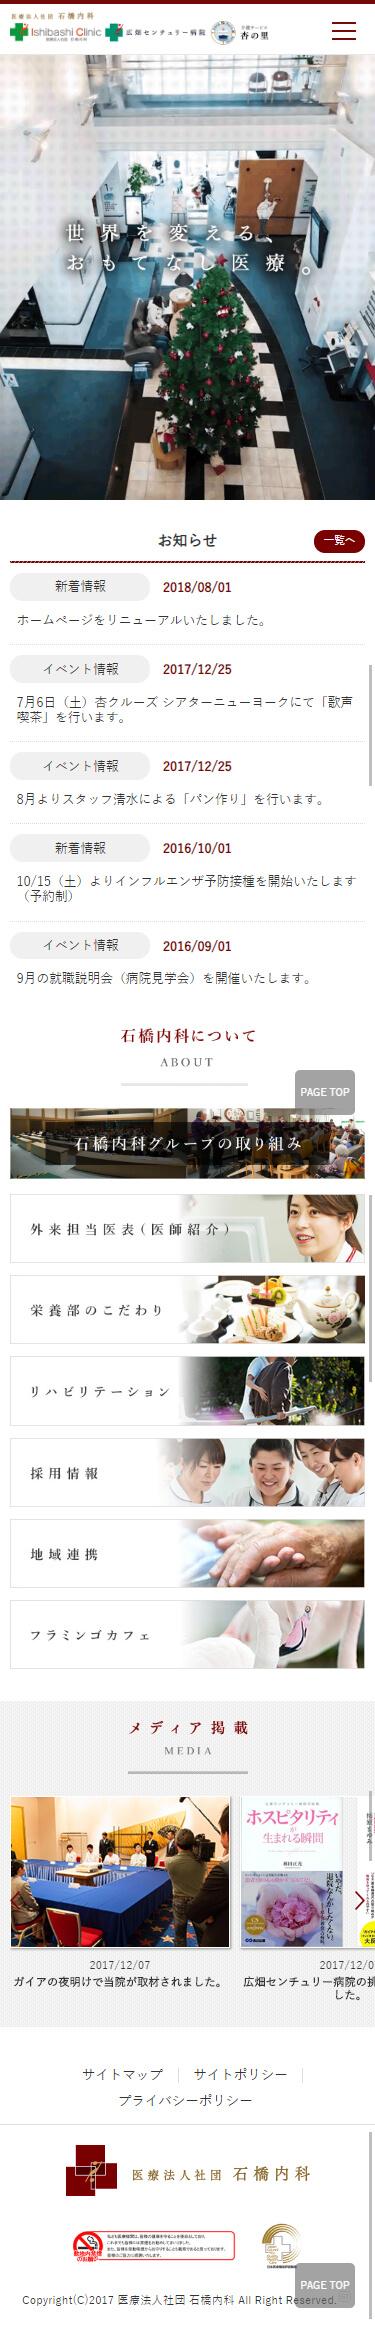 姫路市 医療法人社団 石橋内科様 ホームページ制作3